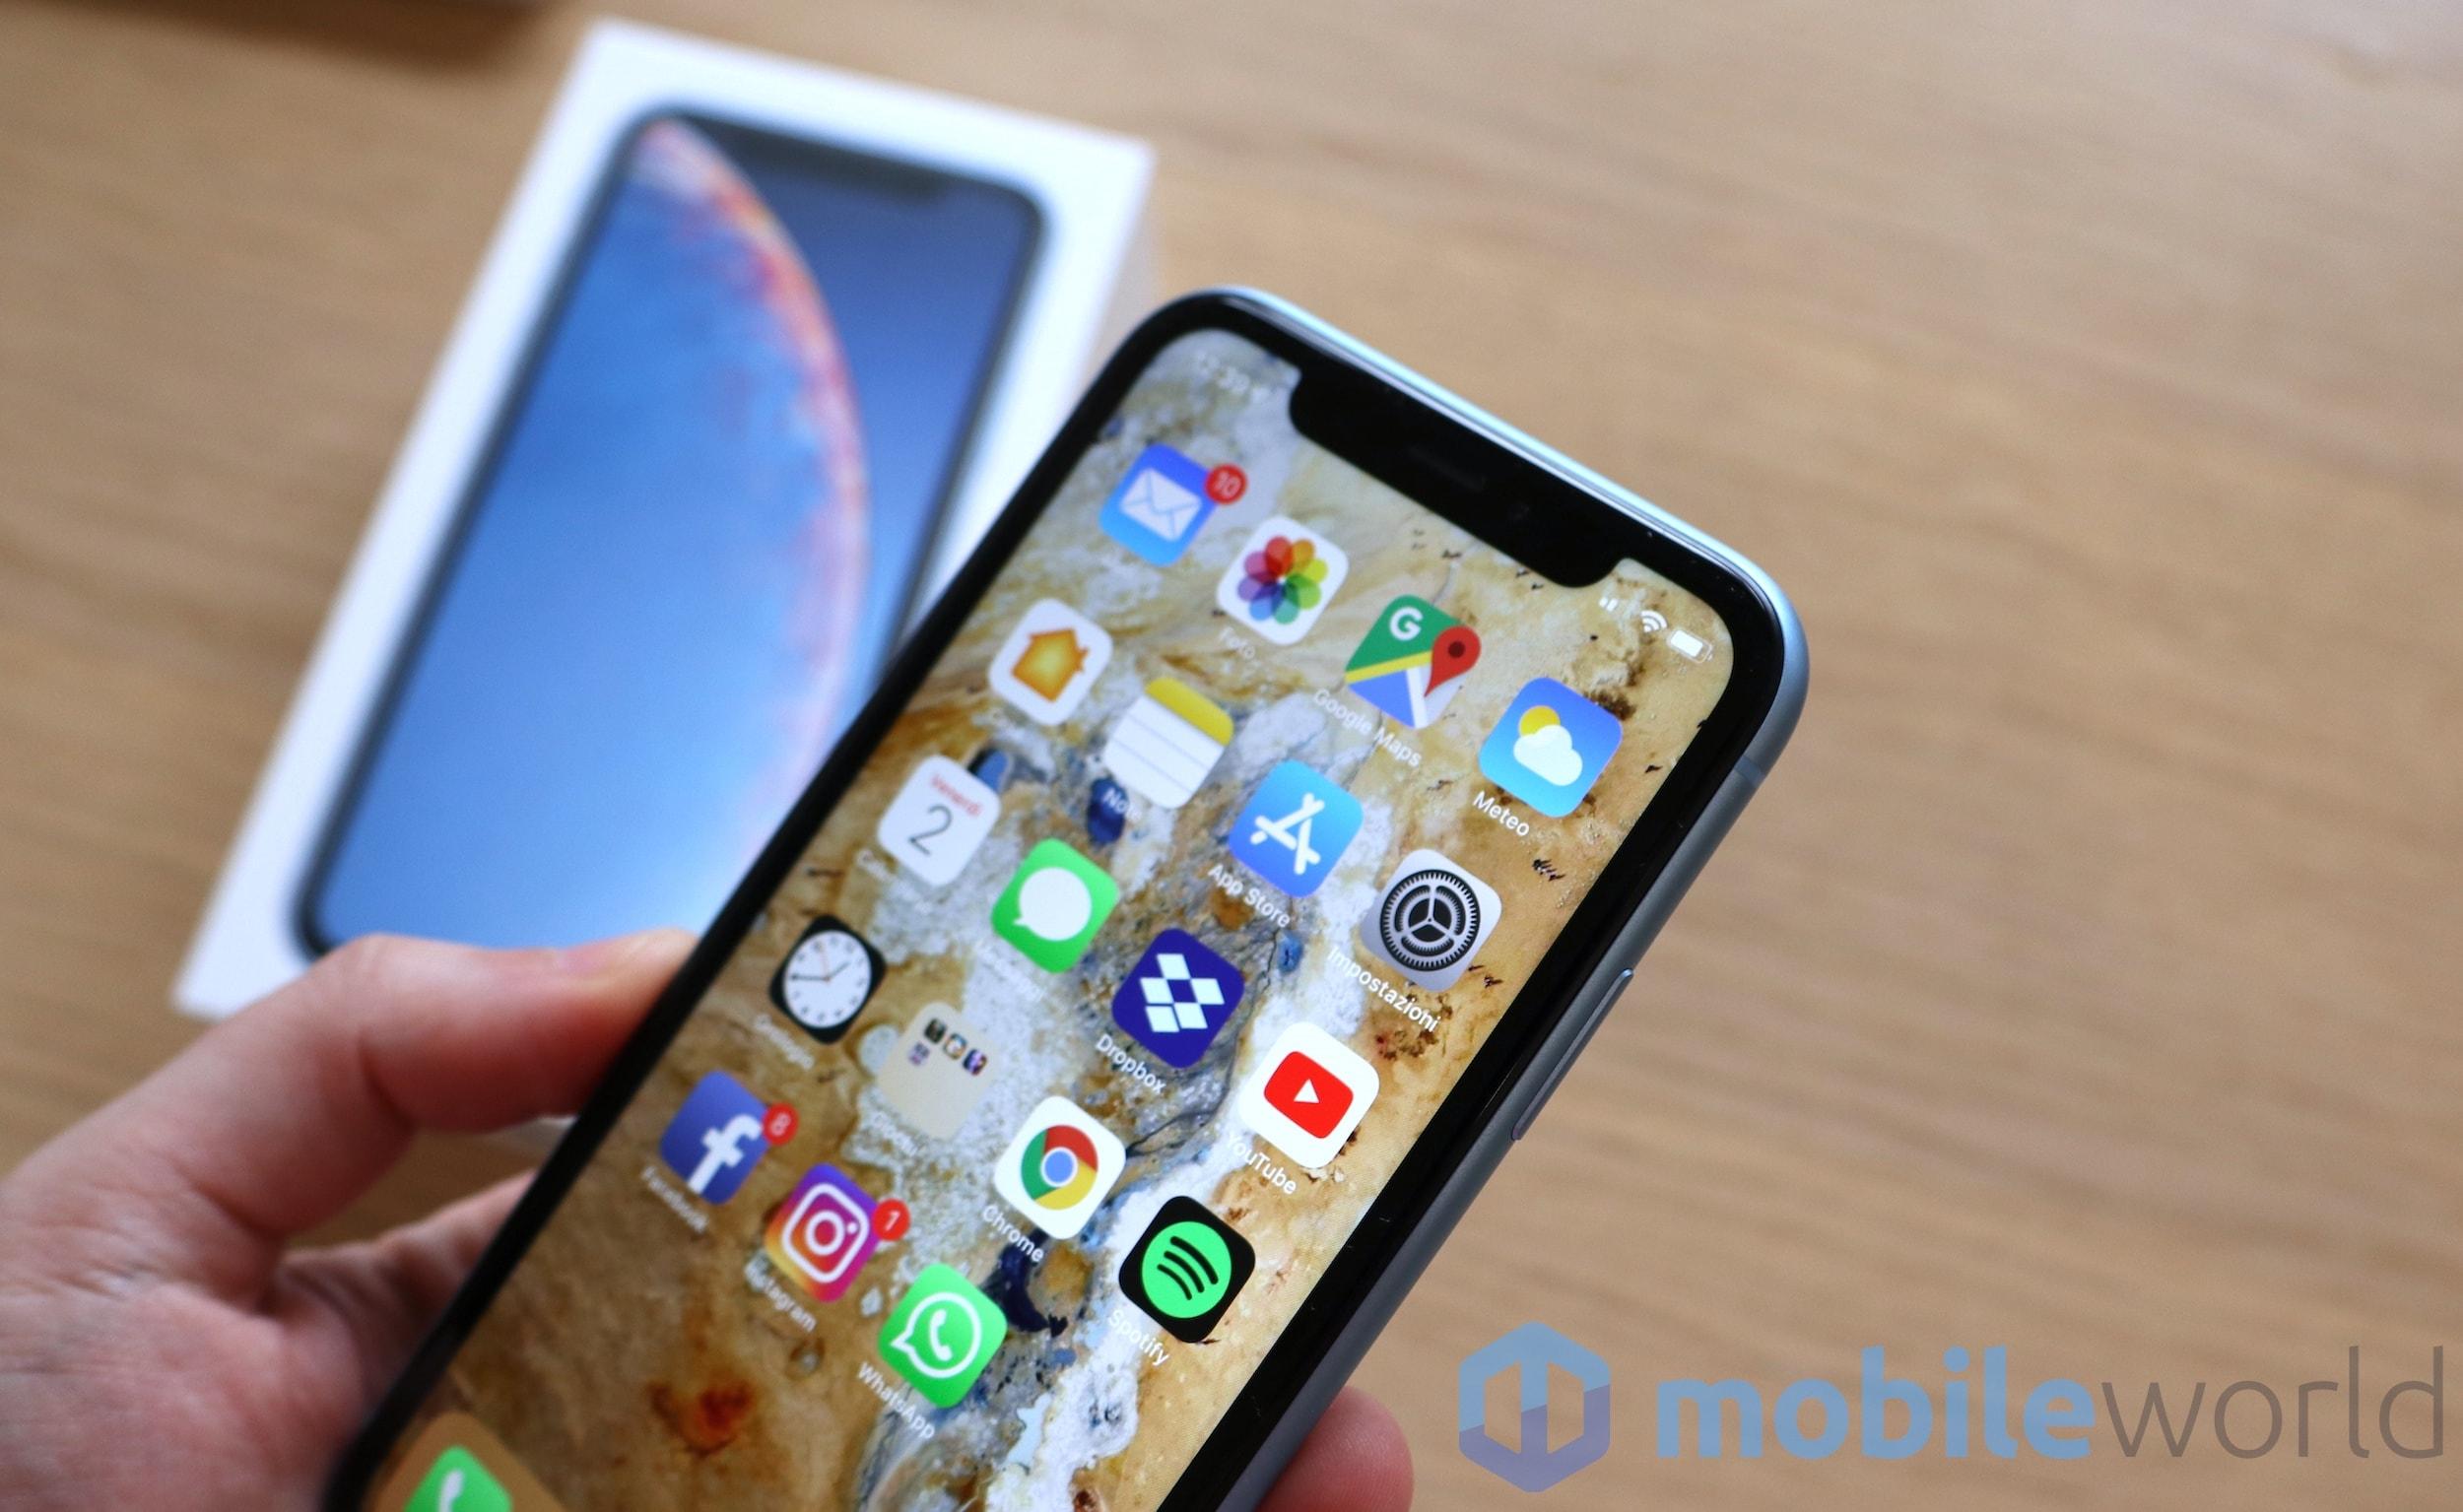 IPhone XR thống trị bảng xếp hạng điện thoại thông minh bán chạy nhất năm 2019 và ... 1